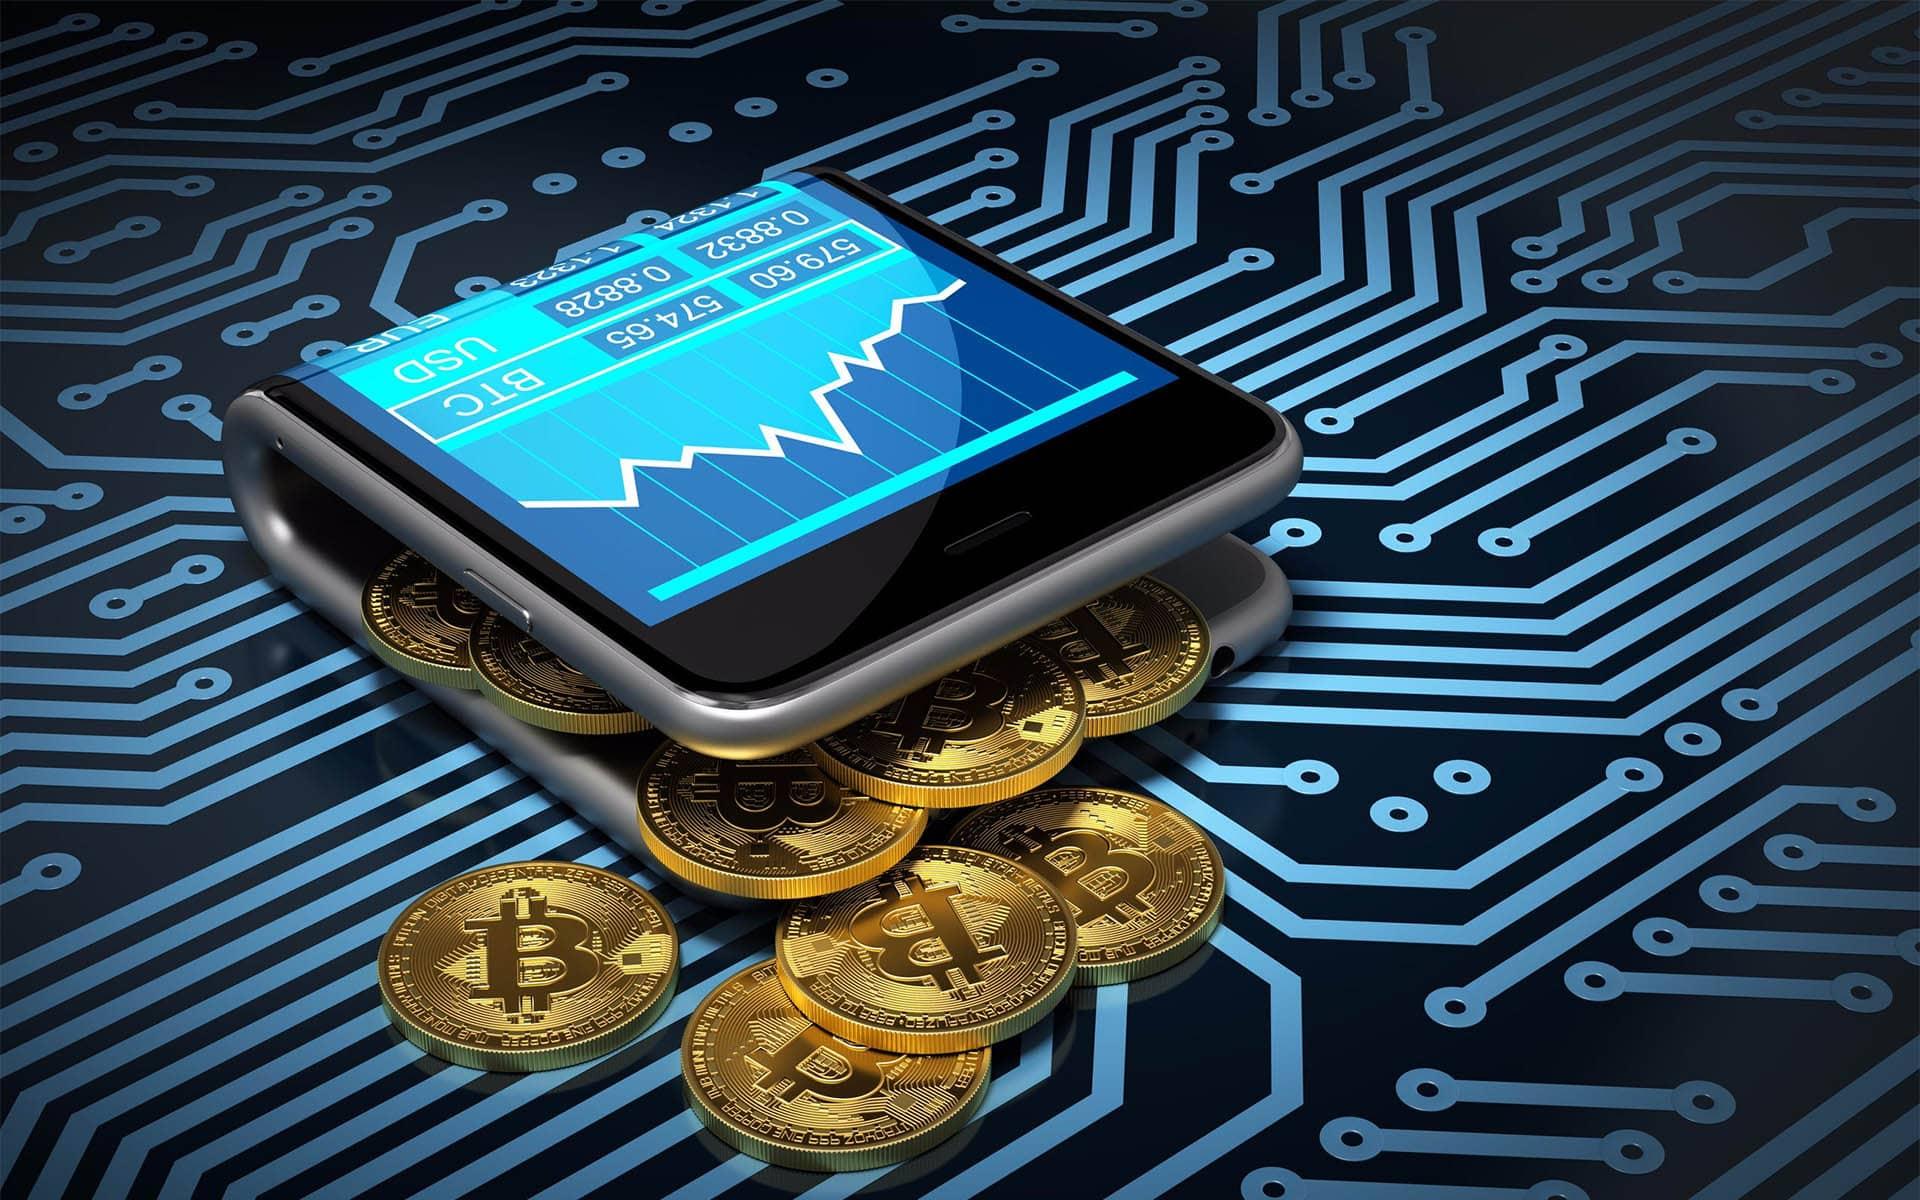 امنیت کیف پول ارز دیجیتال